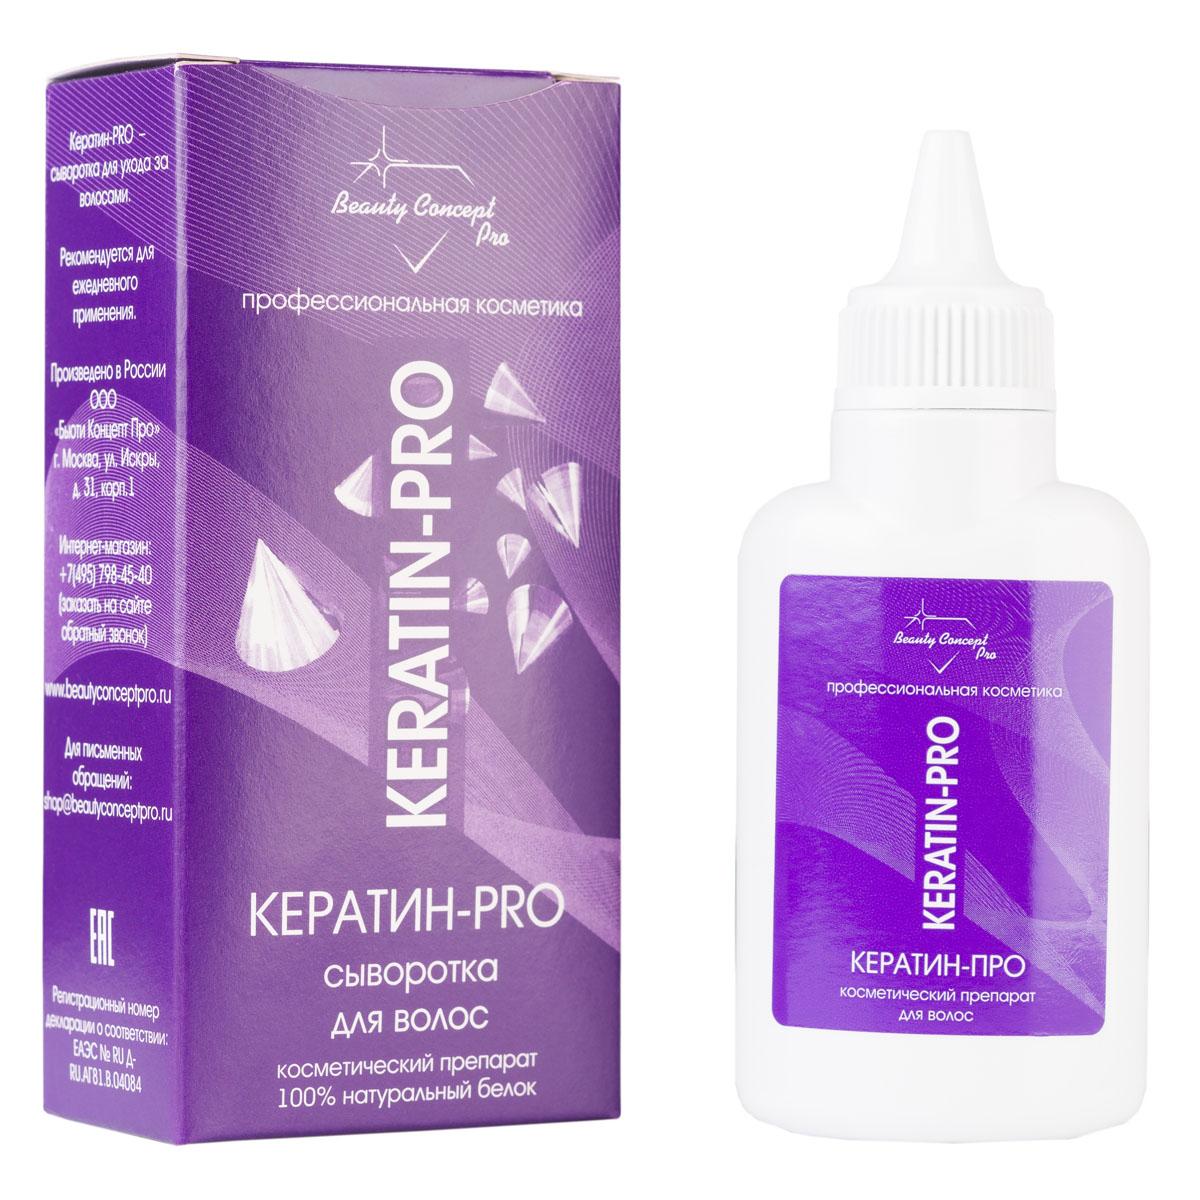 BeautyConceptPro Сыворотка для волос Кератин-PRO, 55 мл10512Кератин PRO - концентрированный препарат активная сыворотка, в которой используется особая растворимая форма белка. Благодаря этой формуле он глубоко встраивается в поврежденные участки волоса, восстанавливая его структуру по всей длине, обеспечивая питание волосяных луковиц и улучшая кровообращение кожного покрова головы.Особый эффект при совмещении с Коллагеном PRO. Способ применения и дозировка: Обогащение ежедневных косметических средств 7-10 капель Кератина PRO на 30 мл. средства. В комплект входят мерный стаканчик, ложечка и вкладыш с инструкцией.Эффект от применения Кератина-PRO: Защита волос от агрессивного воздействия окружающей среды (холод, ветер, солнце)Восстановление структуры волоса по всей длине (склеивание чешуек)Стимулирование роста волос, их питаниеУлучшение кровообращения кожного покрова головы Питание волосяных луковиц Устранение сухости, сечения и ломкости волос Защита волос перед окрашиванием, тонированием Закрепление цвета после окраскиУсиление эффекта при выпрямлении волосОбеспечение роста волос и предотвращение их выпадения Придание волосам блеска и эластичностиВосстановление и защита волос от негативного воздействия средств по уходу(фены, бигуди, плойки, утюжки и т.д.)